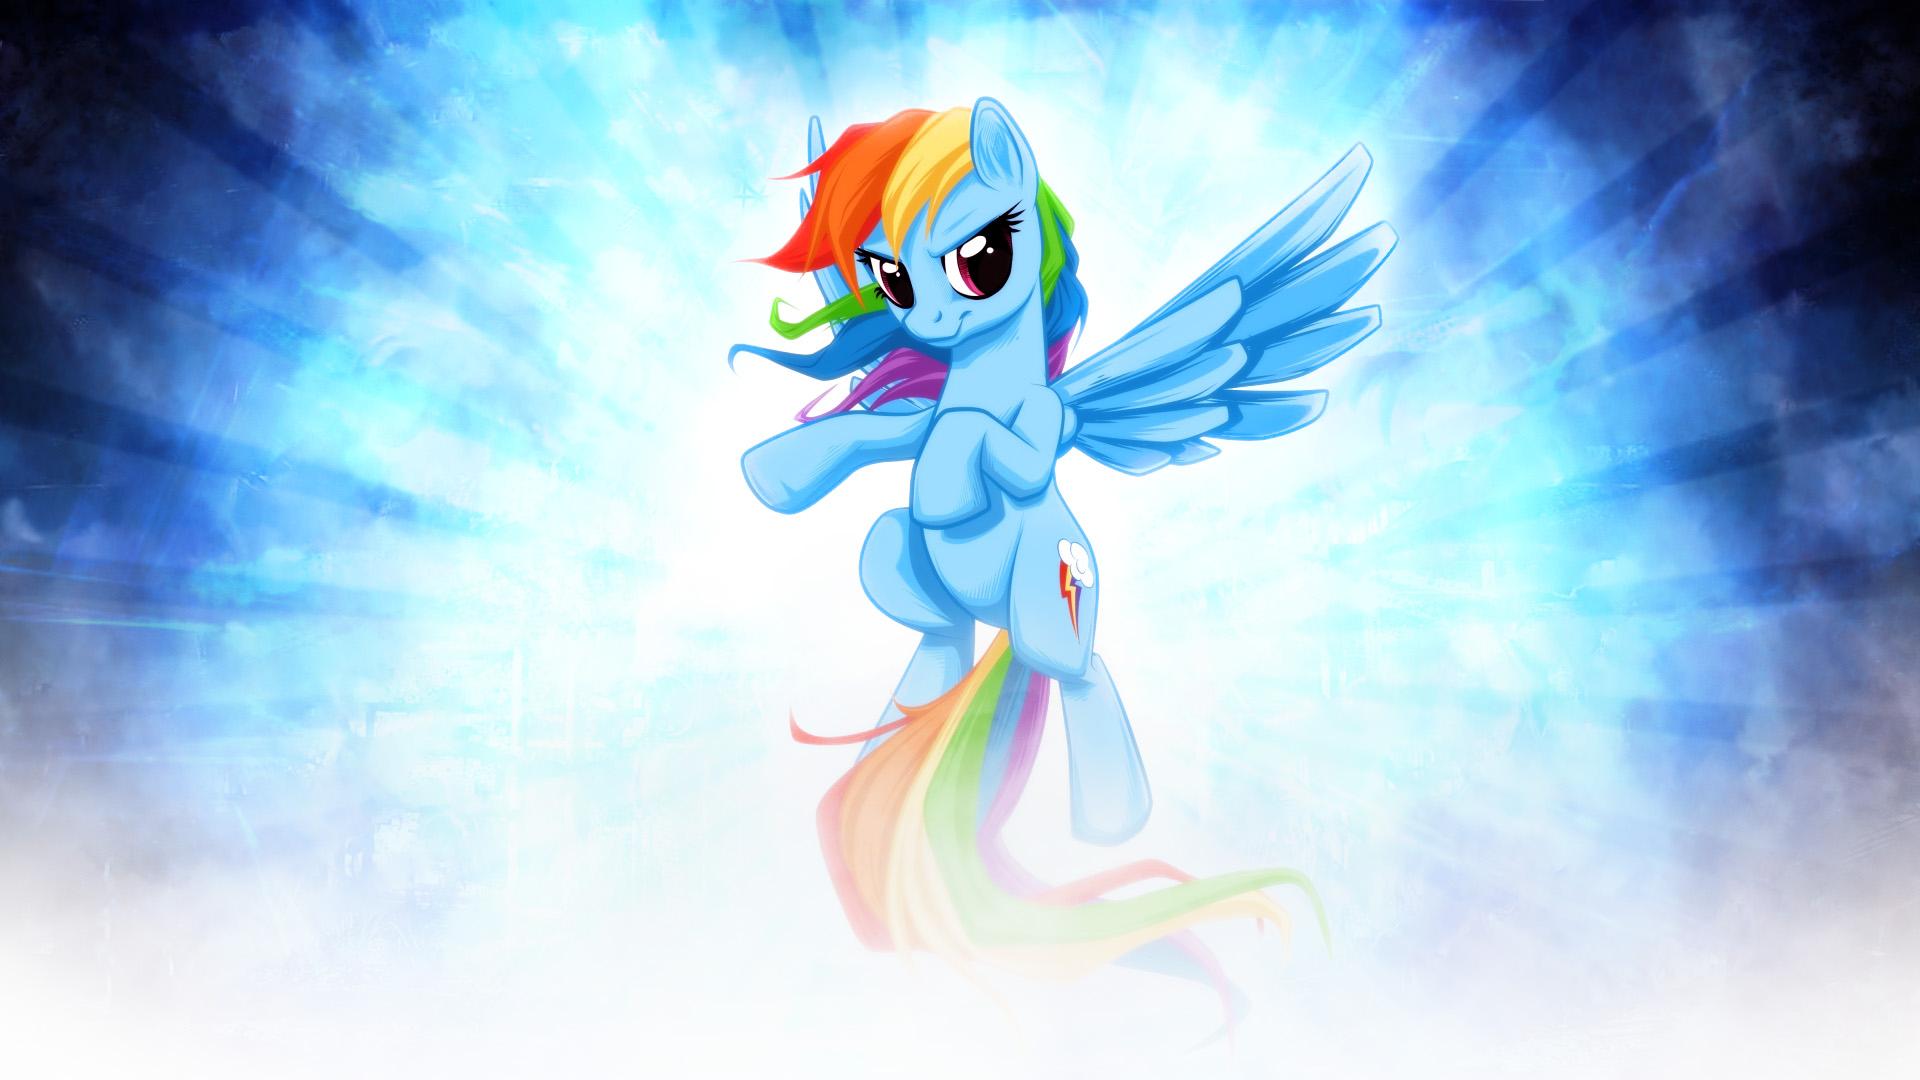 mlp - rainbow dash wallpaperossie7 on deviantart